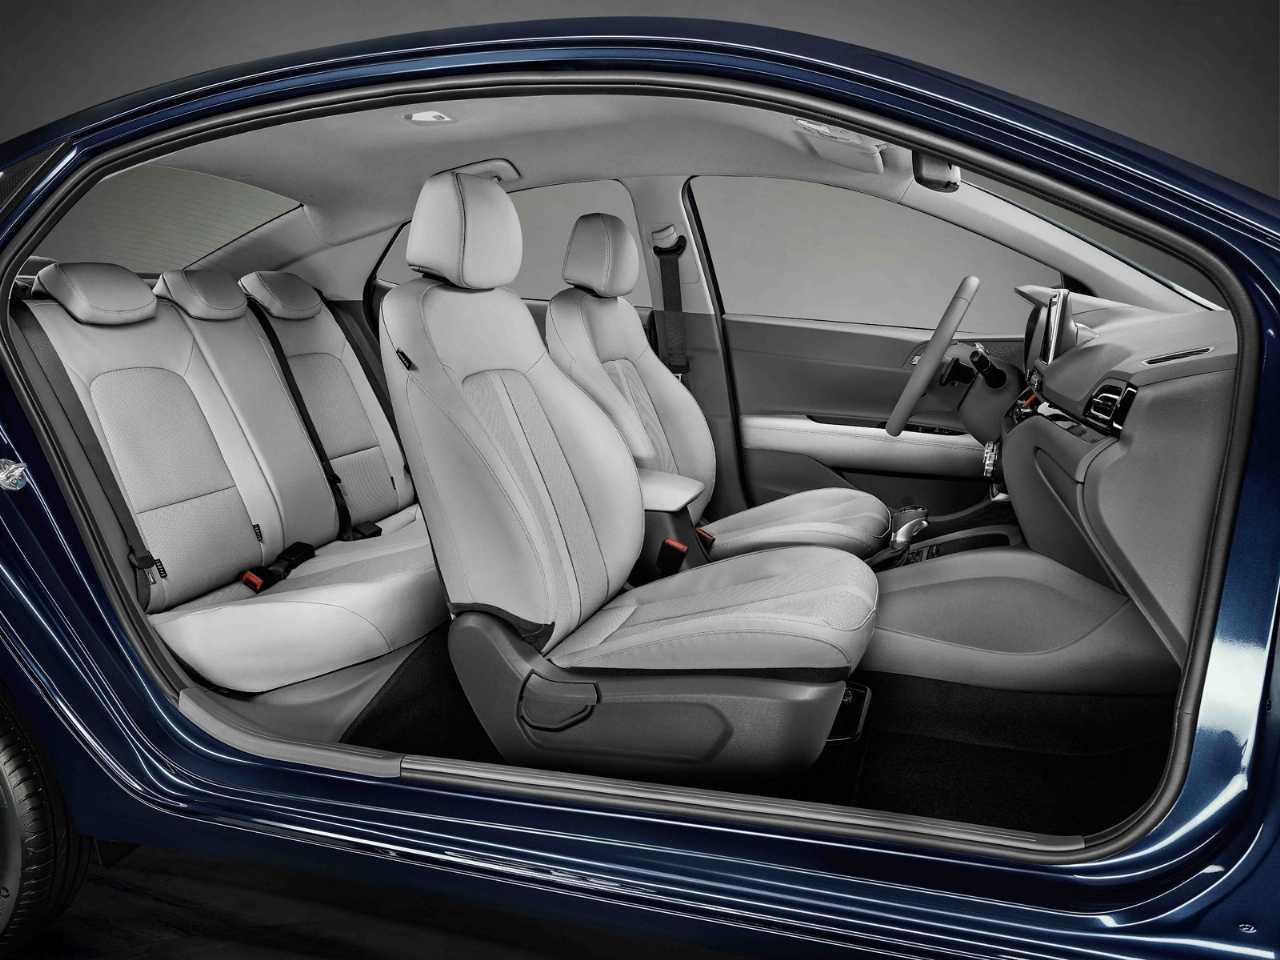 HyundaiHB20S 2020 - outros